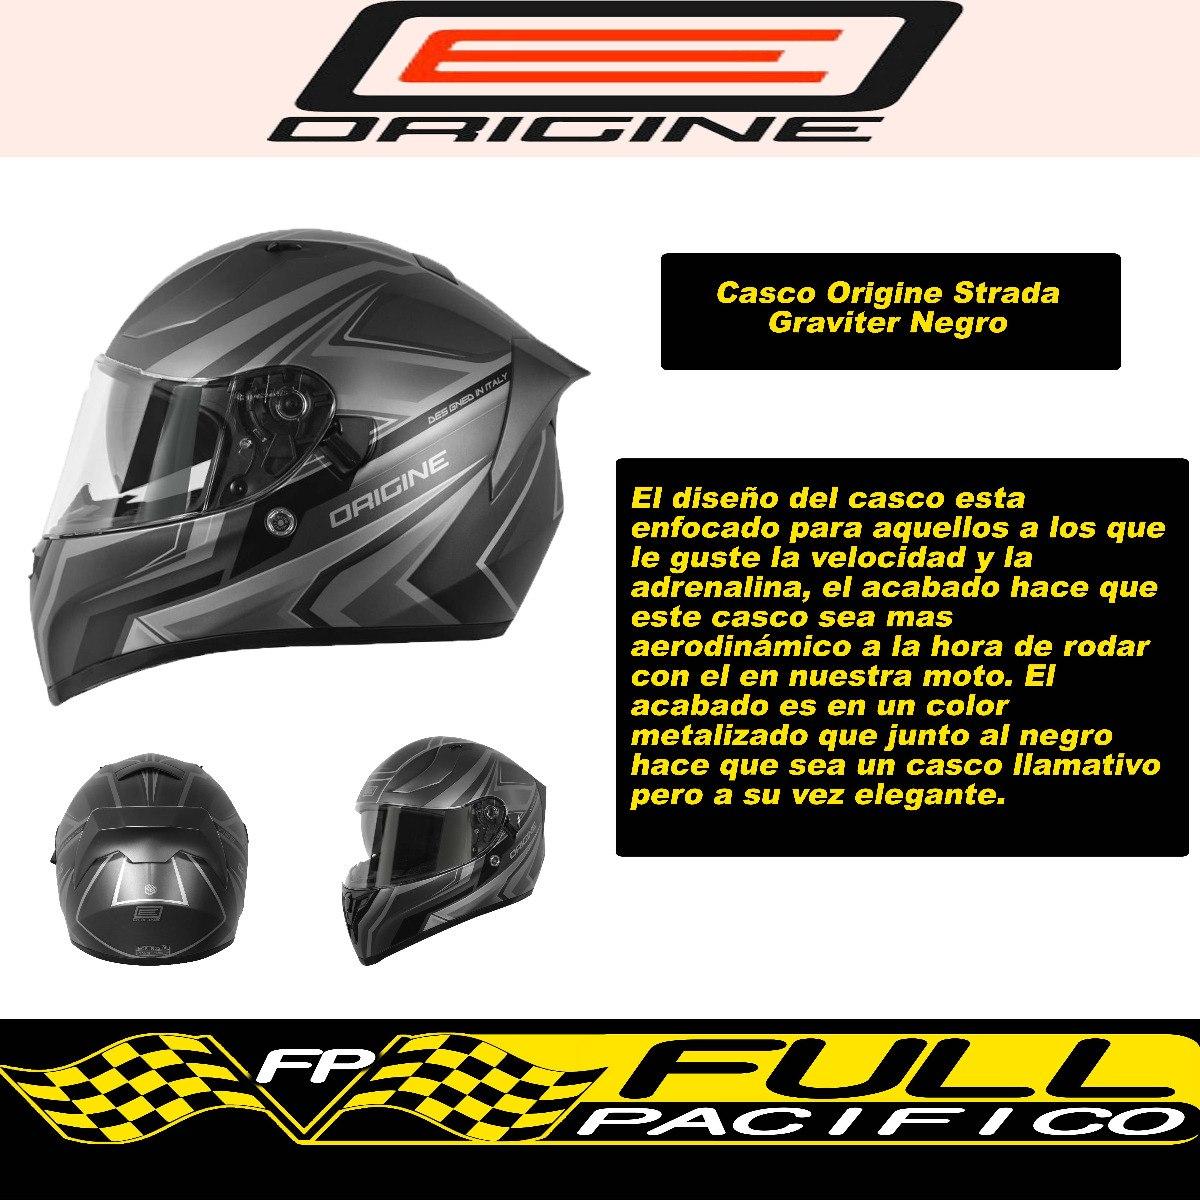 42b2f134cbf Casco Moto Integral Origine Strada Titanium/negro Talla L - $ 71.900 en  Mercado Libre